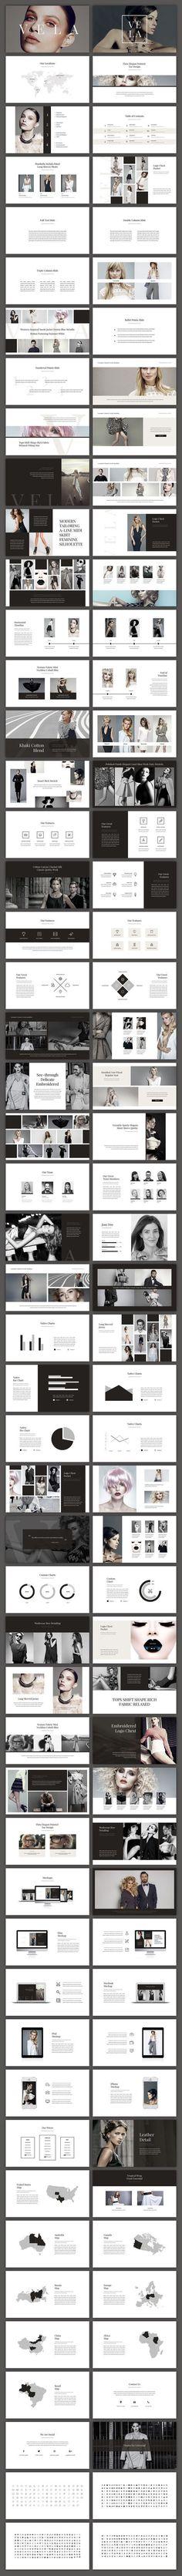 Vela PowerPoint Template by SlideStation on @creativemarket